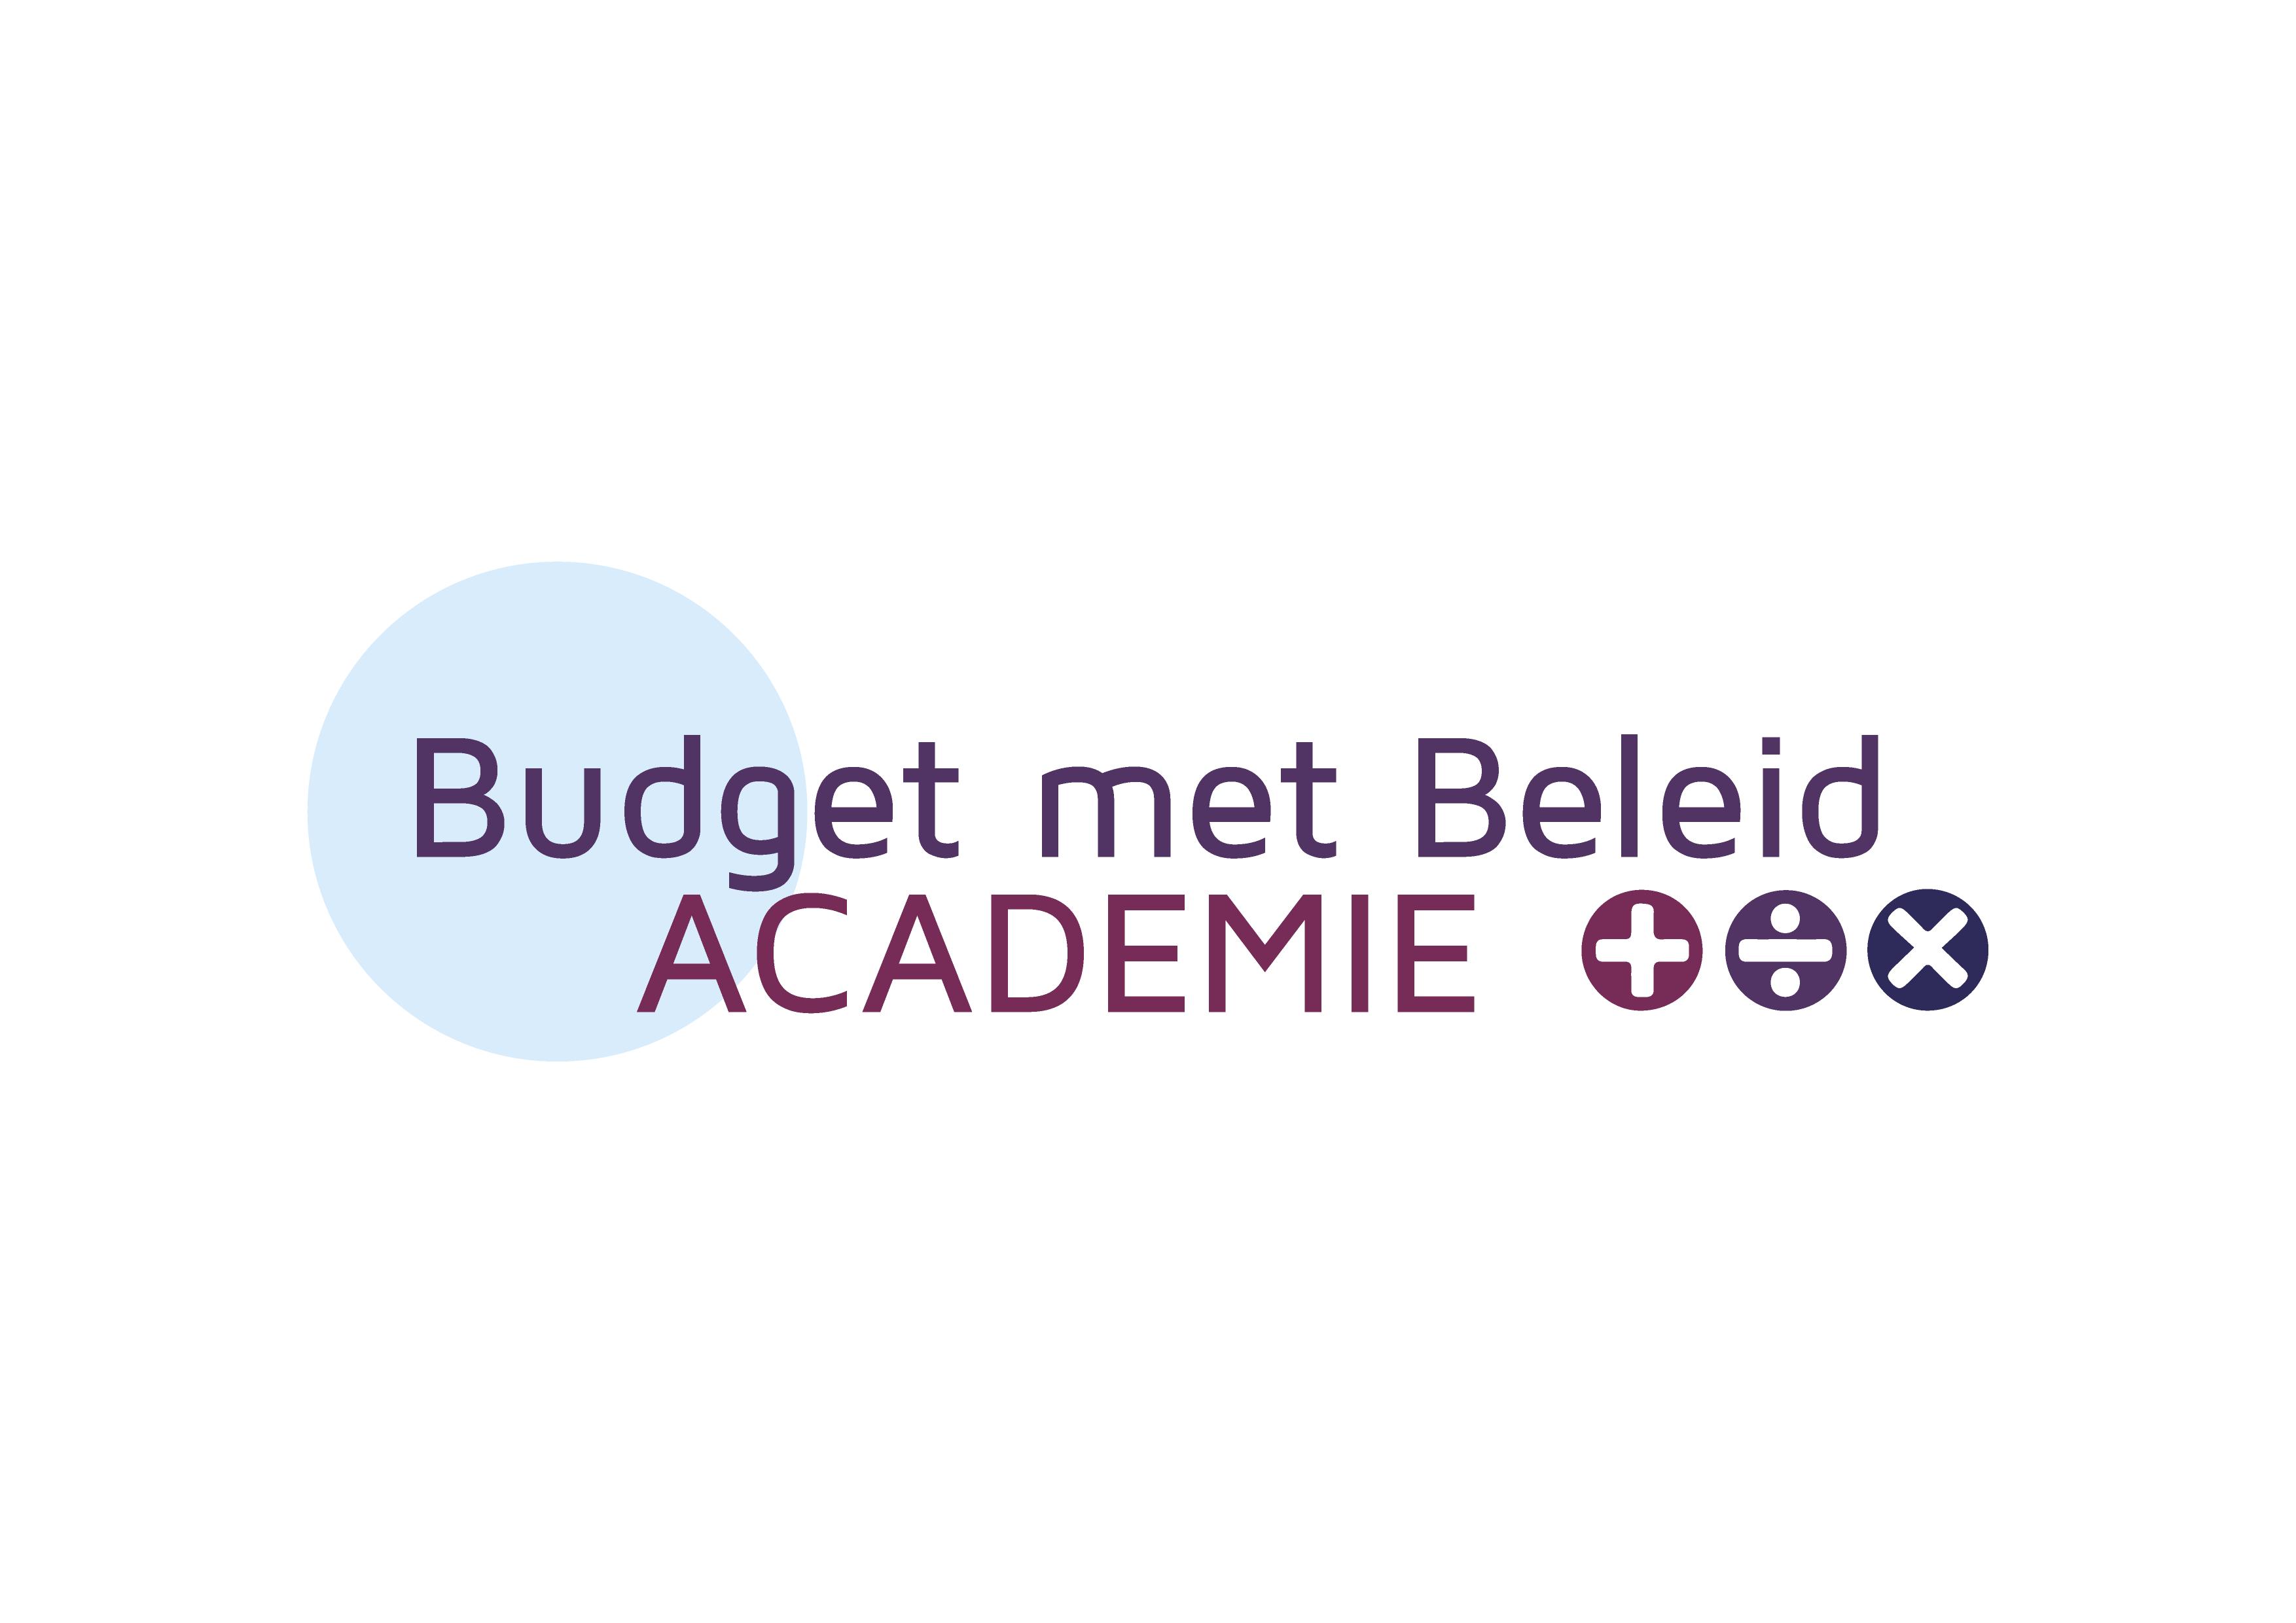 Budget met Beleid Academie